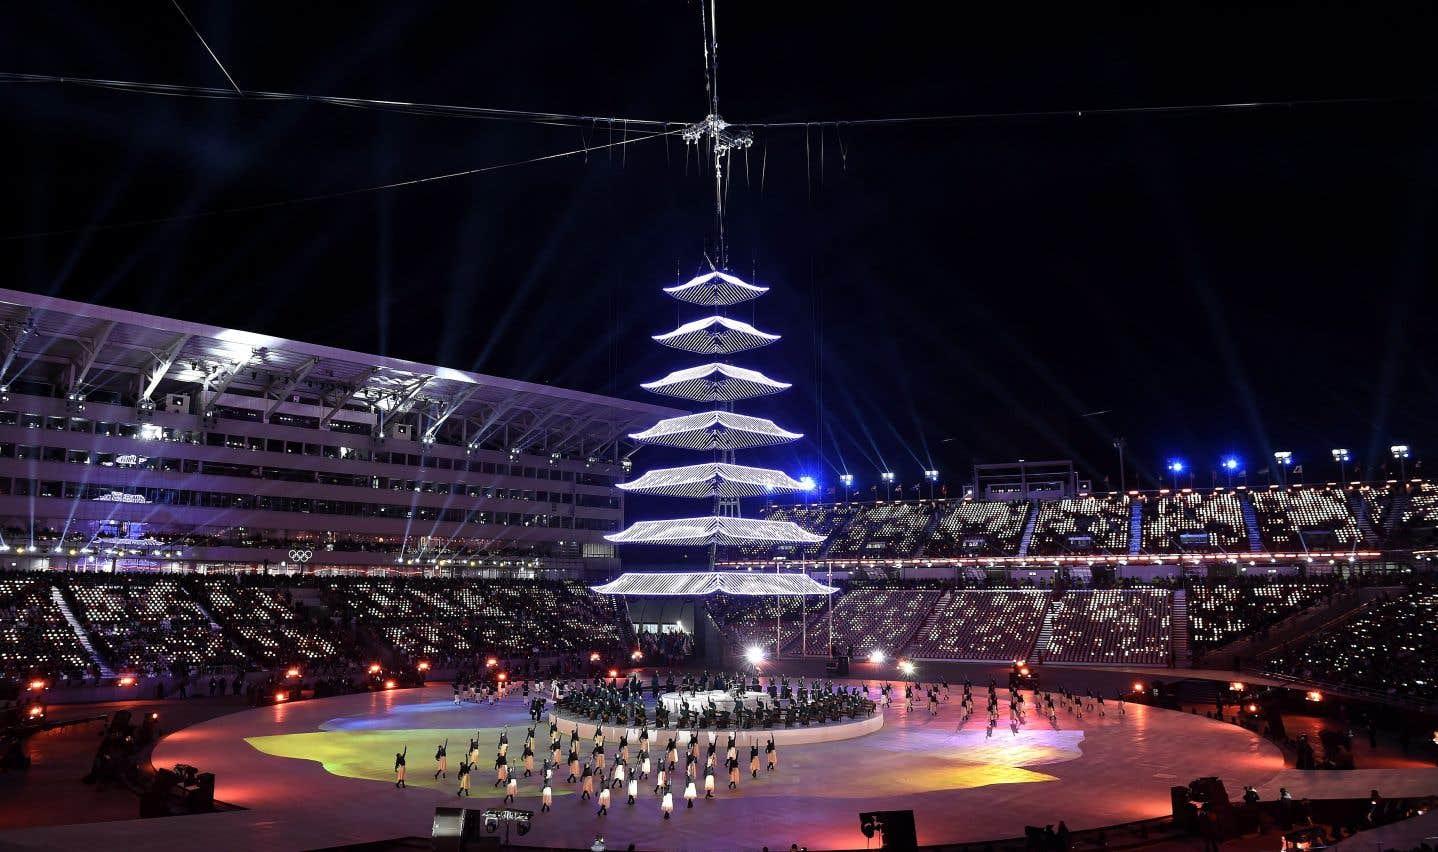 Des artistes se produisent dans le Stade olympique de Pyeongchang à l'occasion de la cérémonie de clôture. La cérémonie a débuté vers 6h, heure du Québec.